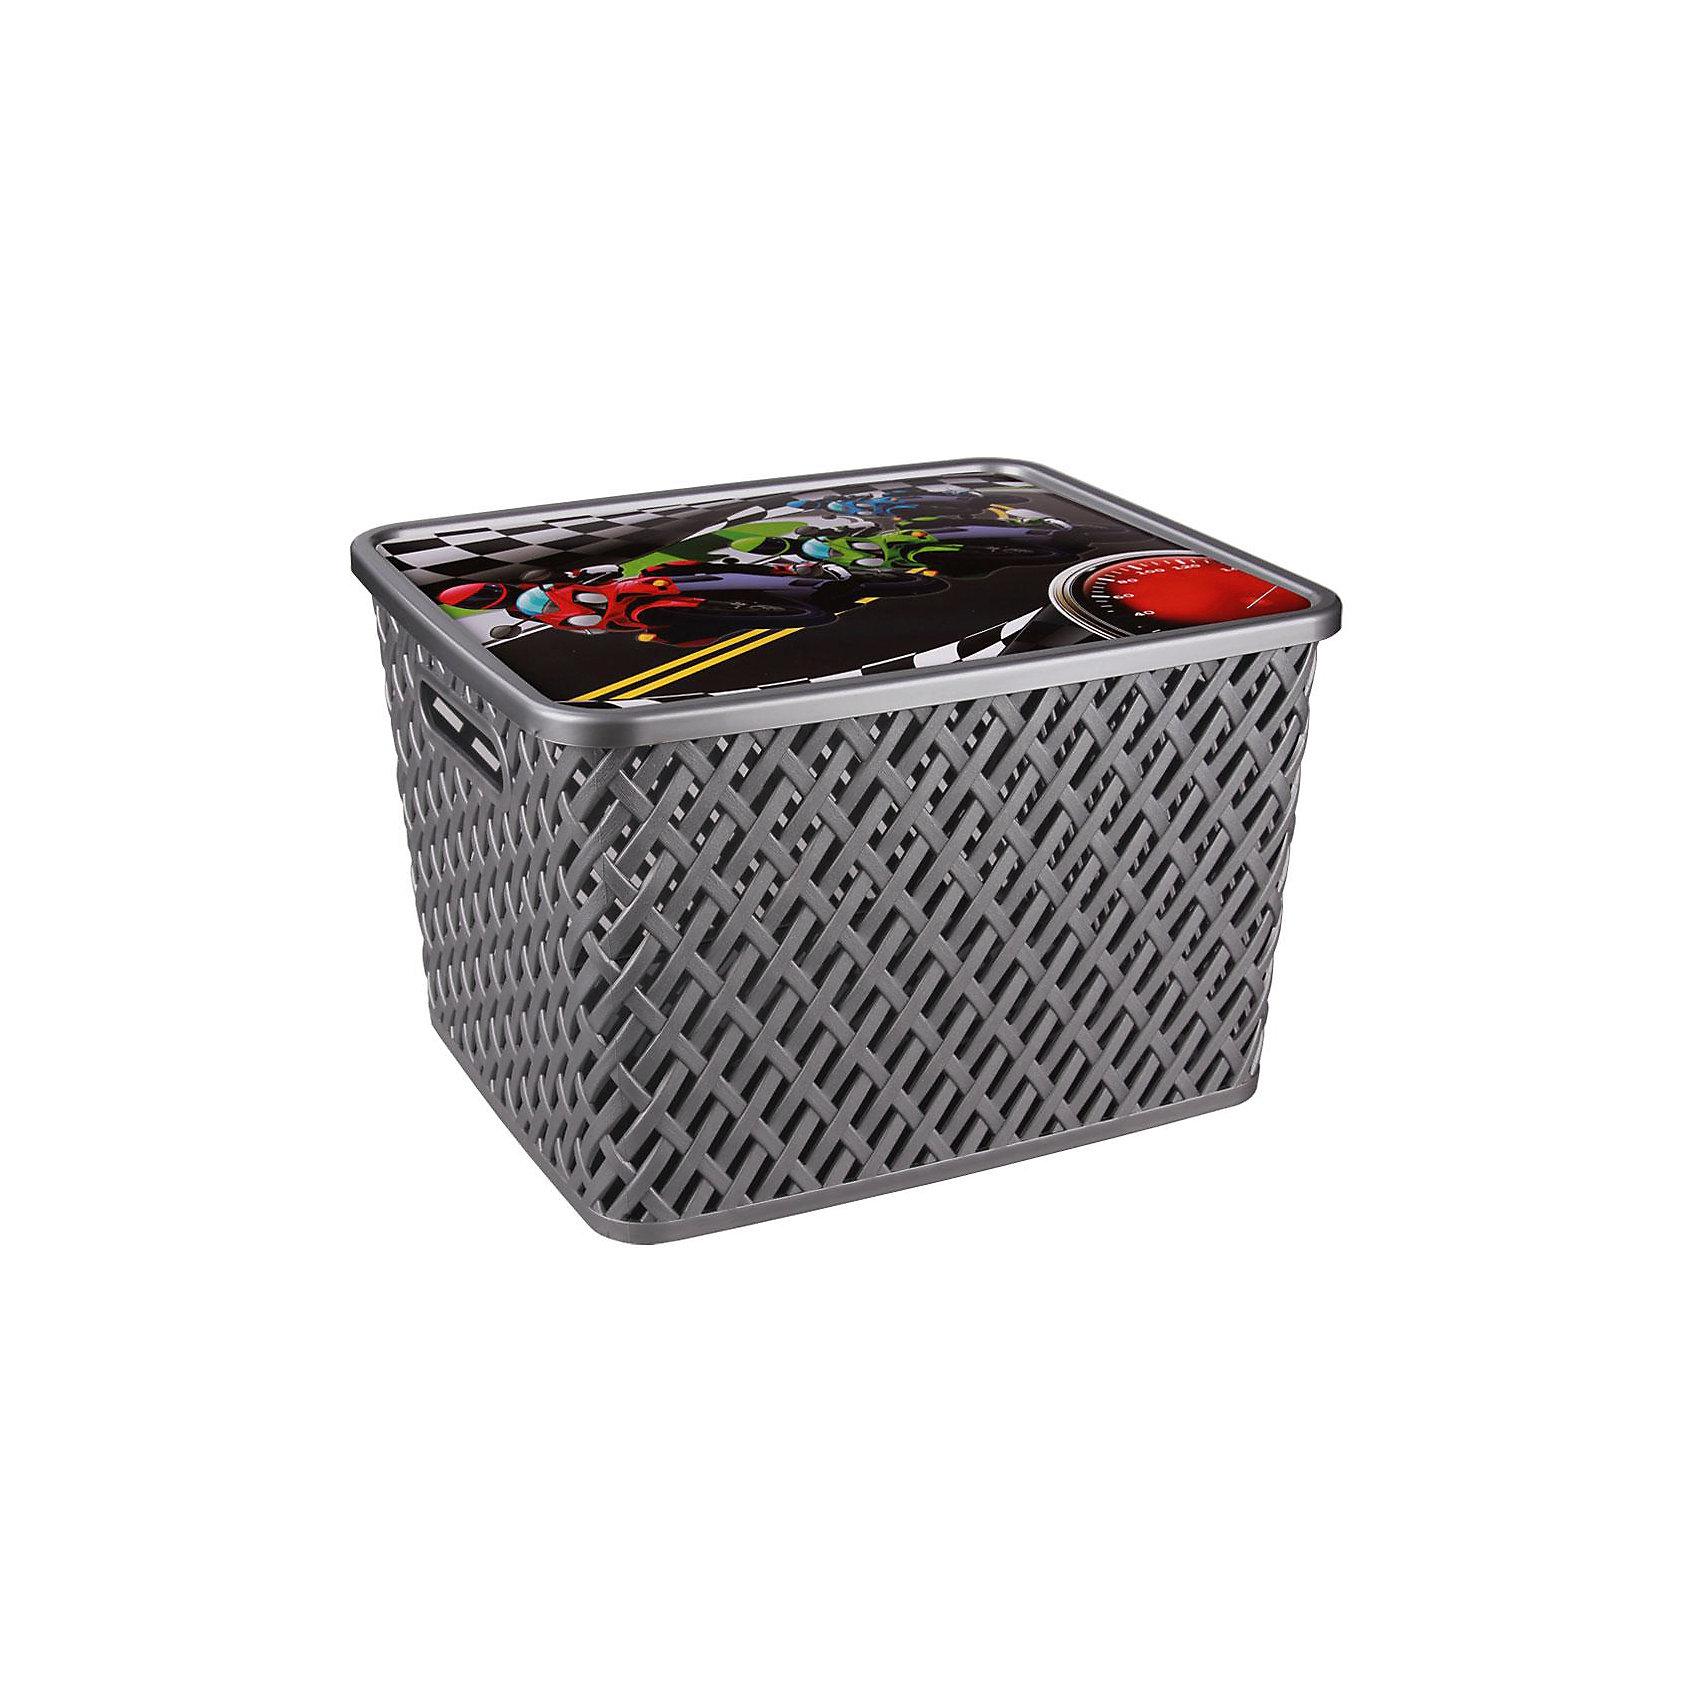 Корзина универс. Лидер с крыш.,  Alternativa, больш.Универсальная плетеная корзина Лидер изготовлена из качественного пластика, закрывается крышкой с изображением гонок. В ней будет удобно хранить различные мелочи или игрушки.<br><br>Дополнительная информация:<br>Материал: пластик<br>Цвет: серебро<br>Размер: 35х29х22,5 см<br><br>Корзину Лидер вы можете приобрести в нашем интернет-магазине.<br><br>Ширина мм: 350<br>Глубина мм: 290<br>Высота мм: 225<br>Вес г: 676<br>Возраст от месяцев: 36<br>Возраст до месяцев: 144<br>Пол: Унисекс<br>Возраст: Детский<br>SKU: 4979738